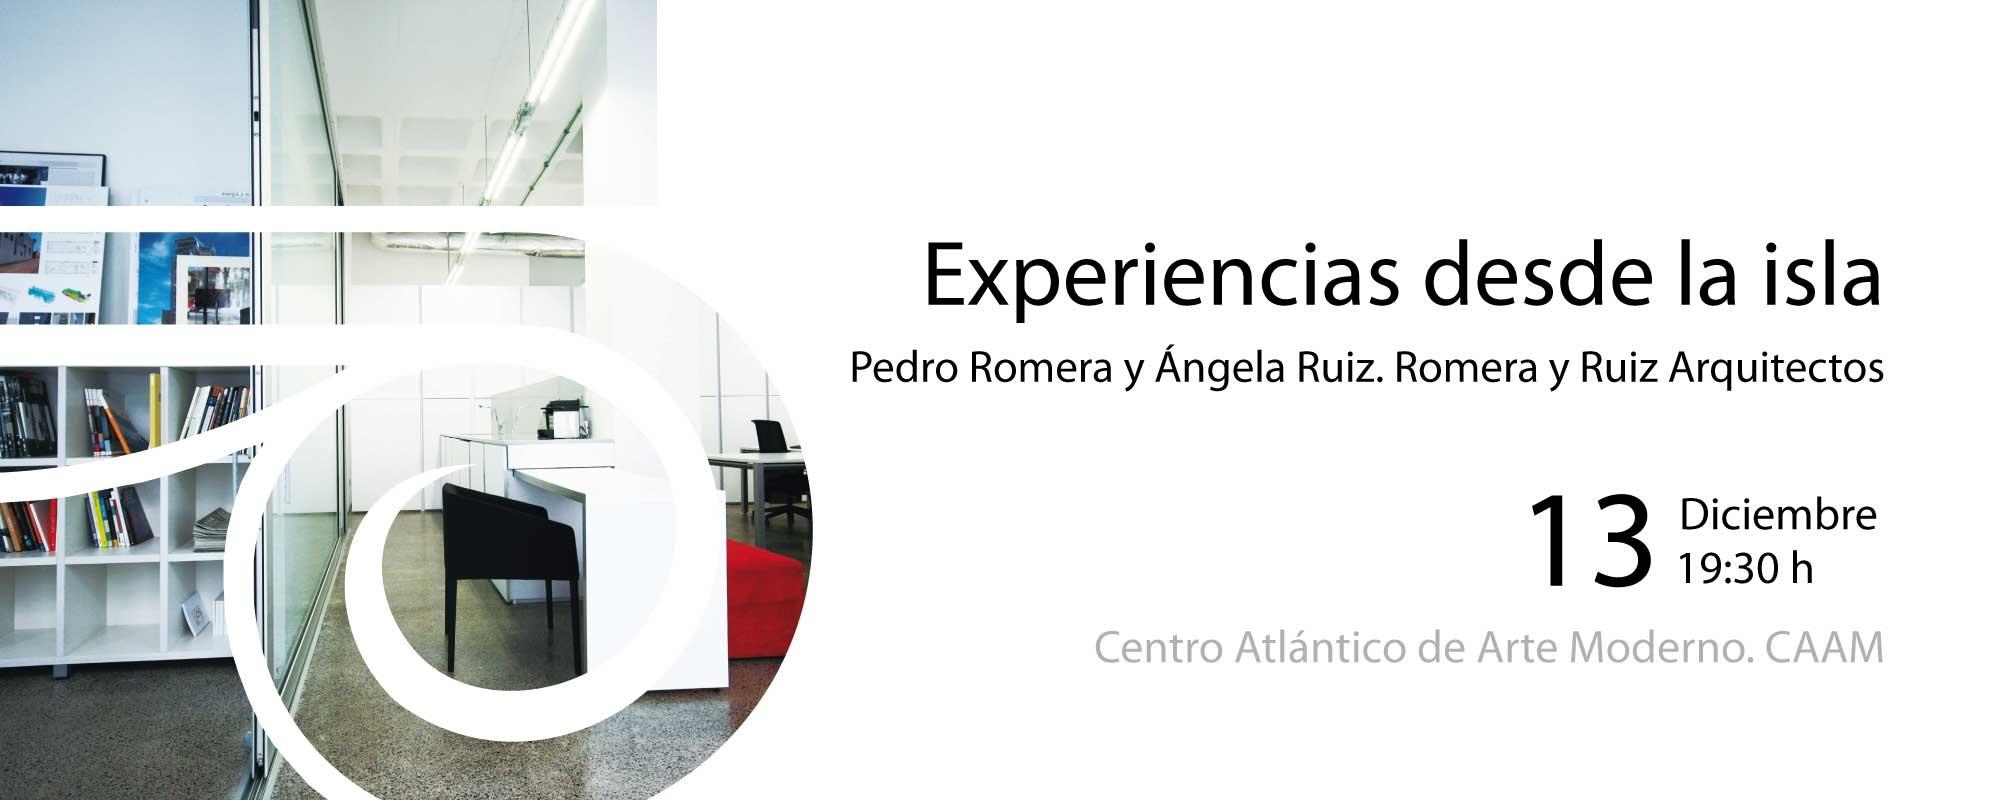 'Experiencias desde la isla' de Romera y Ruiz